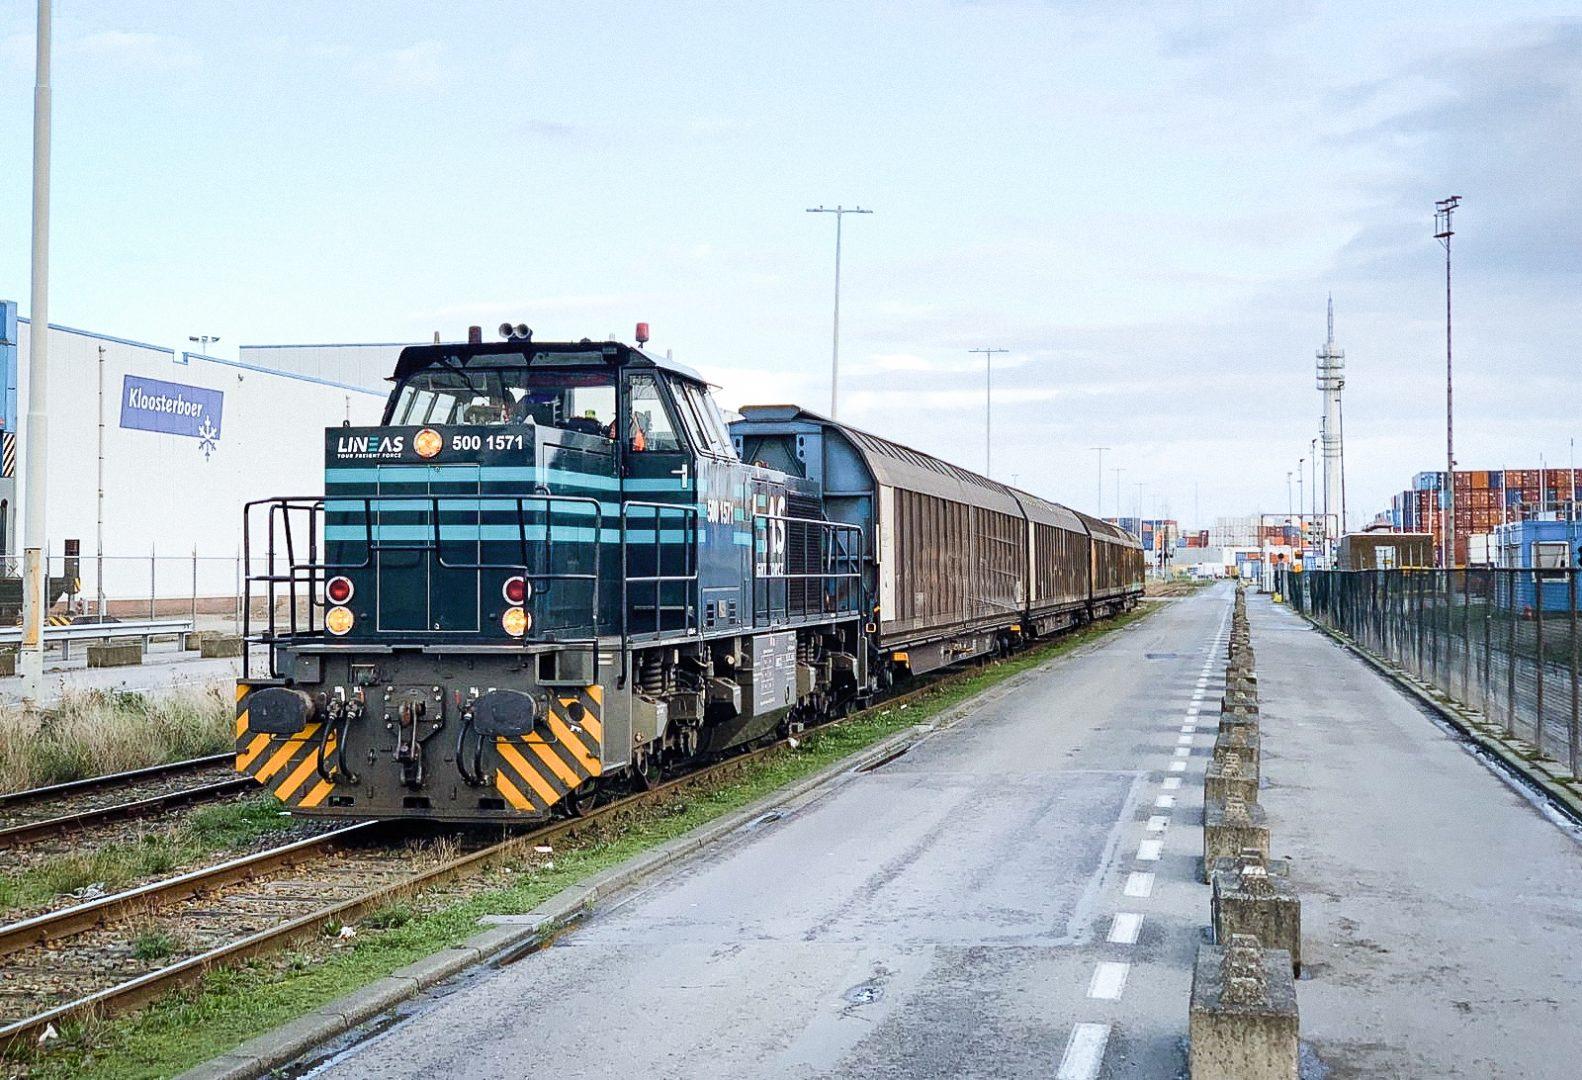 Az Alstom, a Lineas és a ProRail 2021-ben kezdi meg a teszteket Hollandiában egy teljesen automatikus üzemű tolatómozdonnyal (illusztráció: Railway Pro)